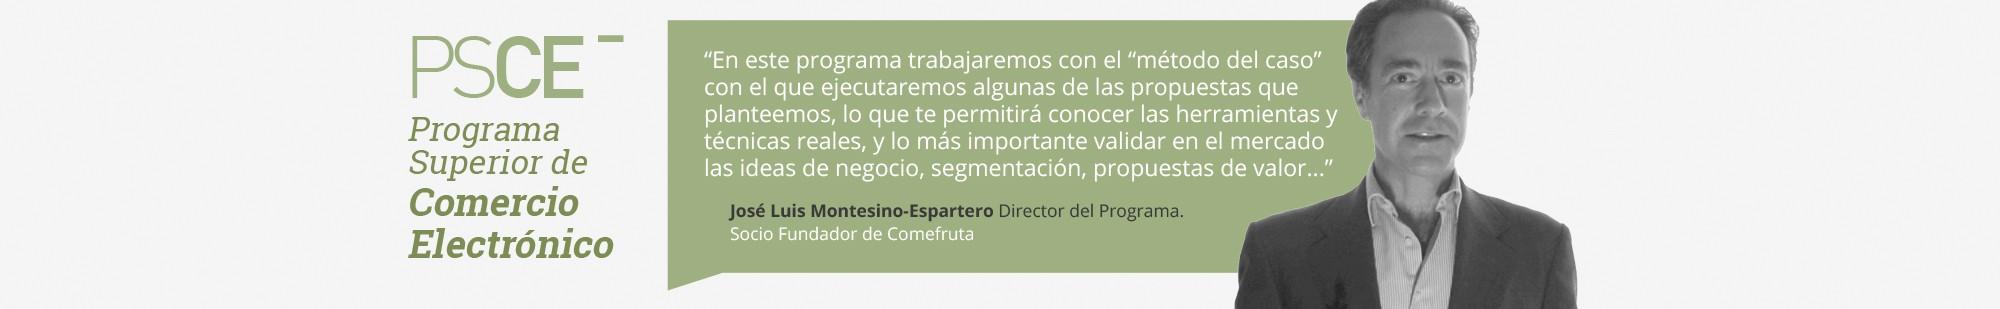 Programa Superior en Comercio Electrónico - Director